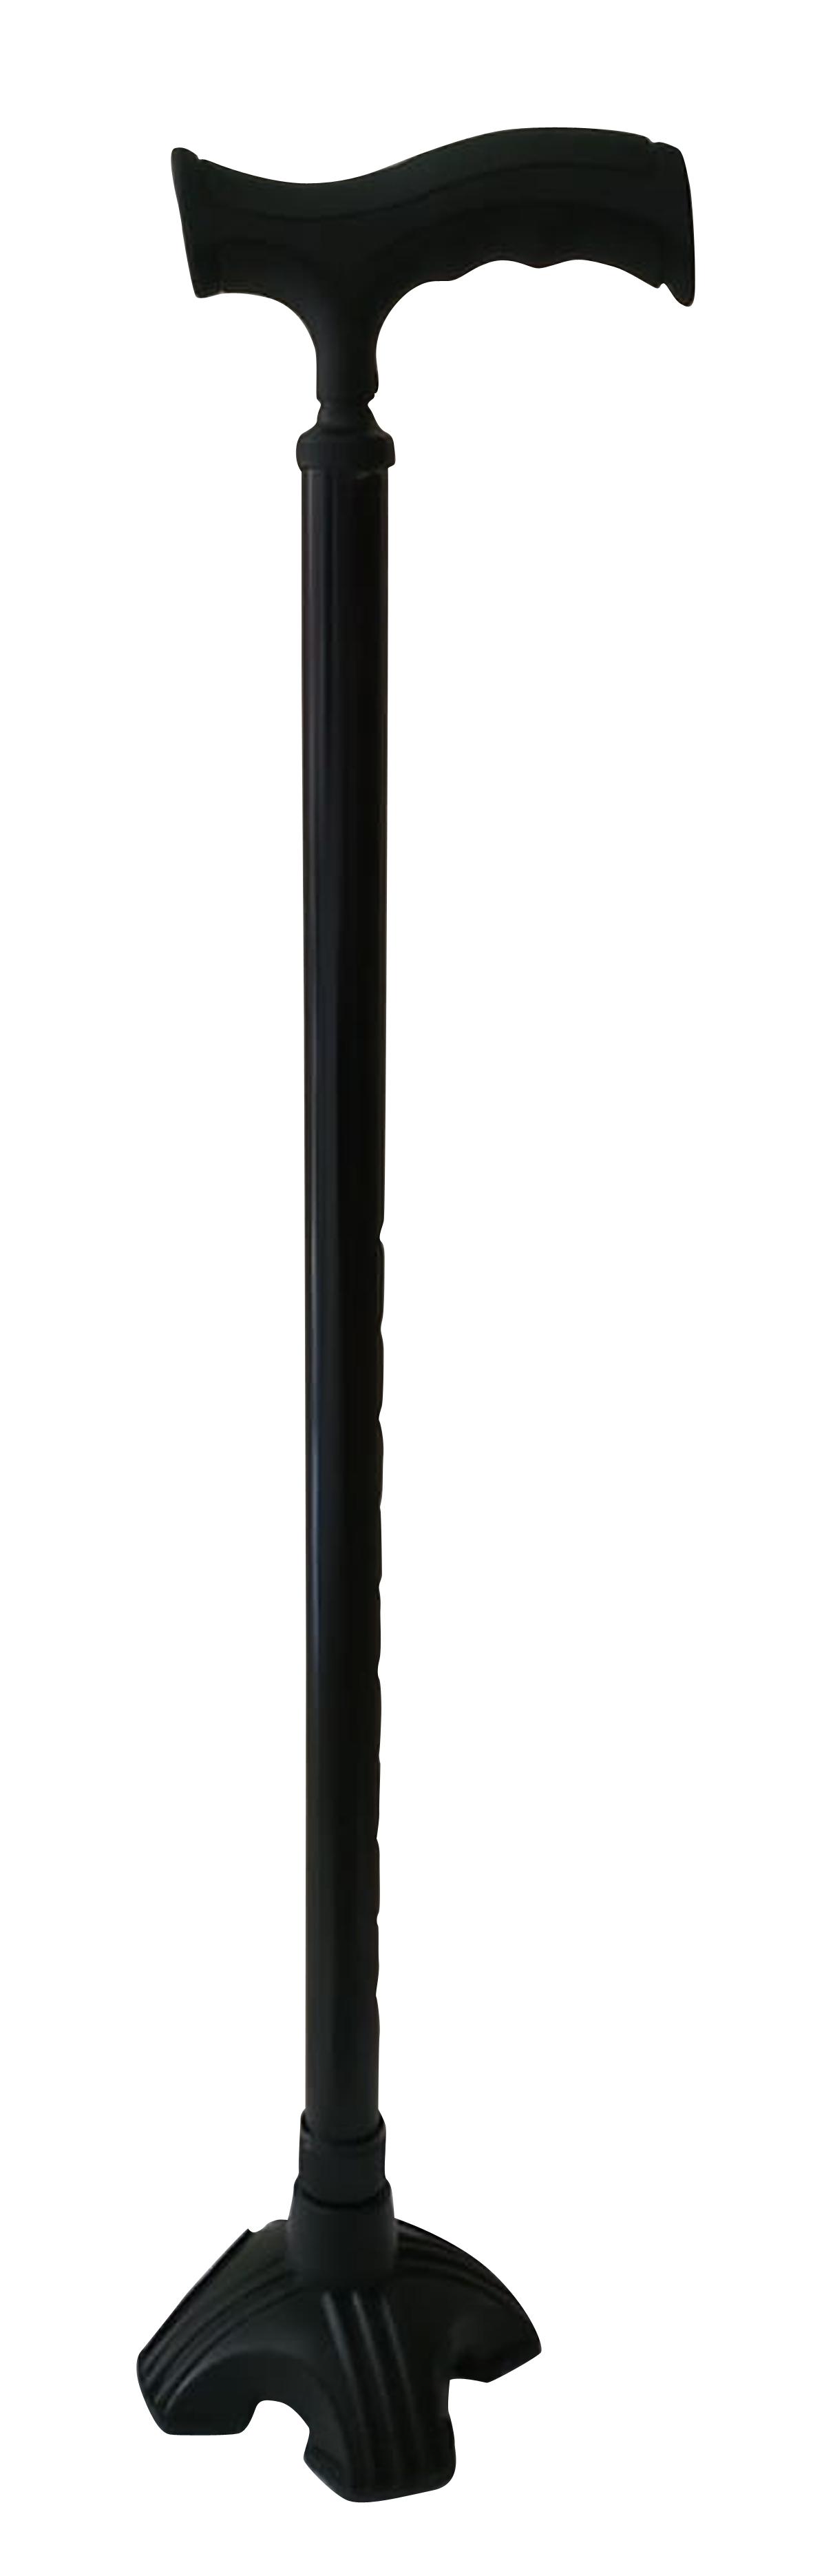 מקל טלסקופי עם גומיה רחבה